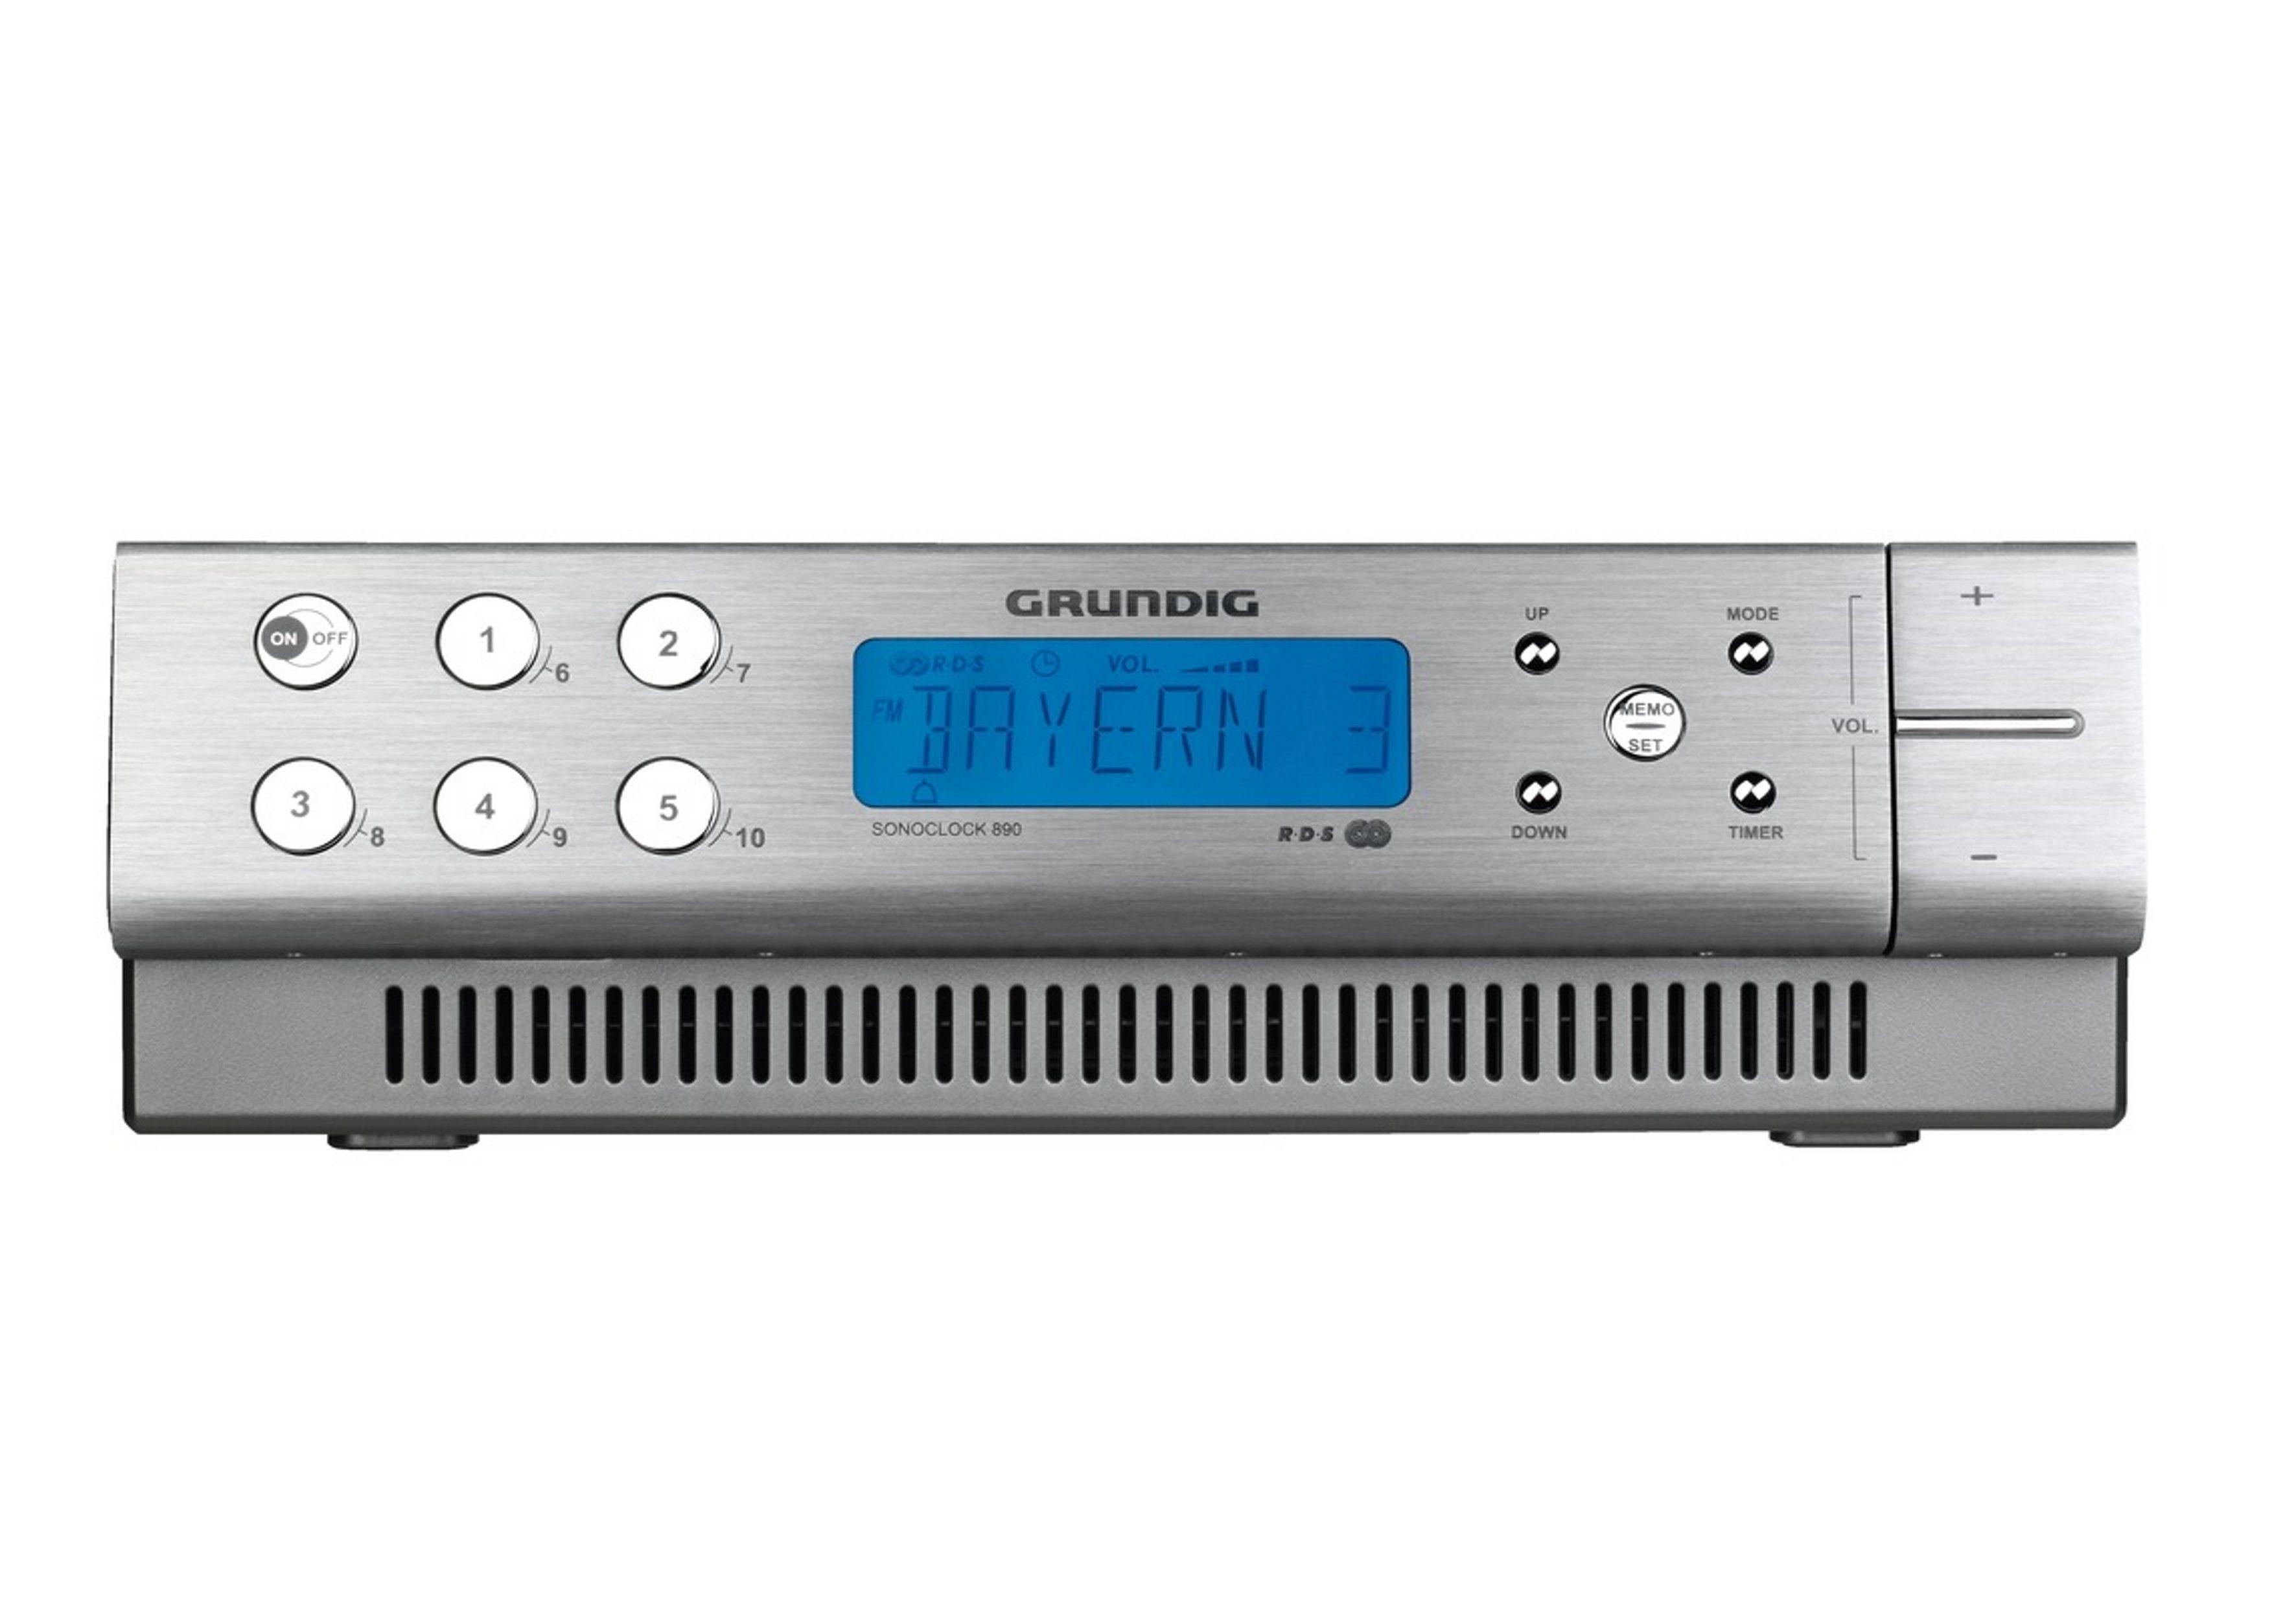 Grundig Unterbaufähiges Uhrenradio mit UKW-RDS-Empfang »Sonoclock 890«